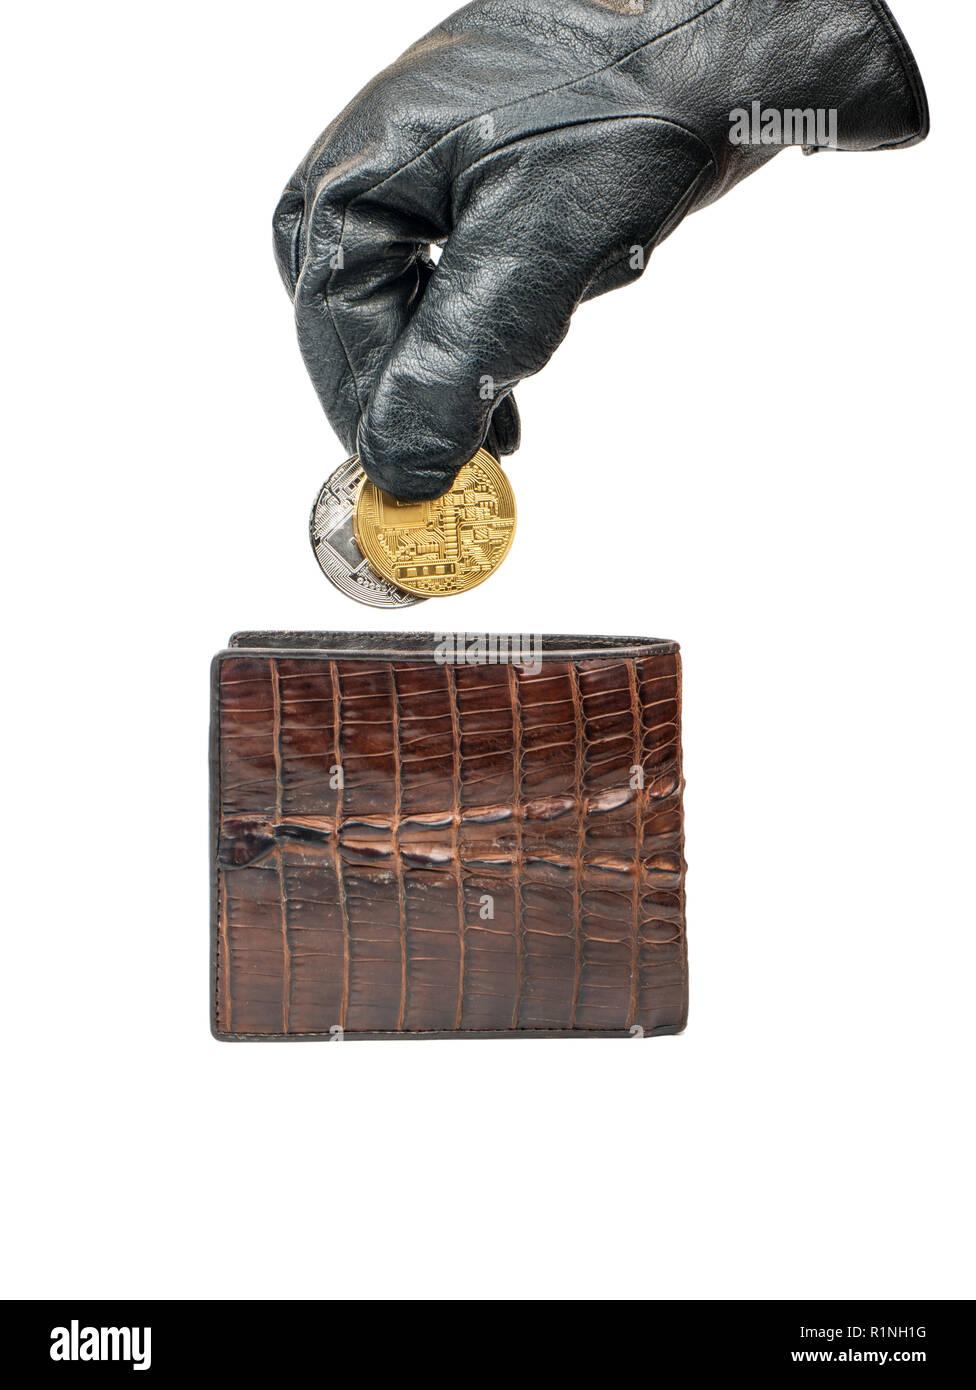 Dieb In Handschuhe Zieht Ein Silber Und Gold Münze Bitcoin Ihrer